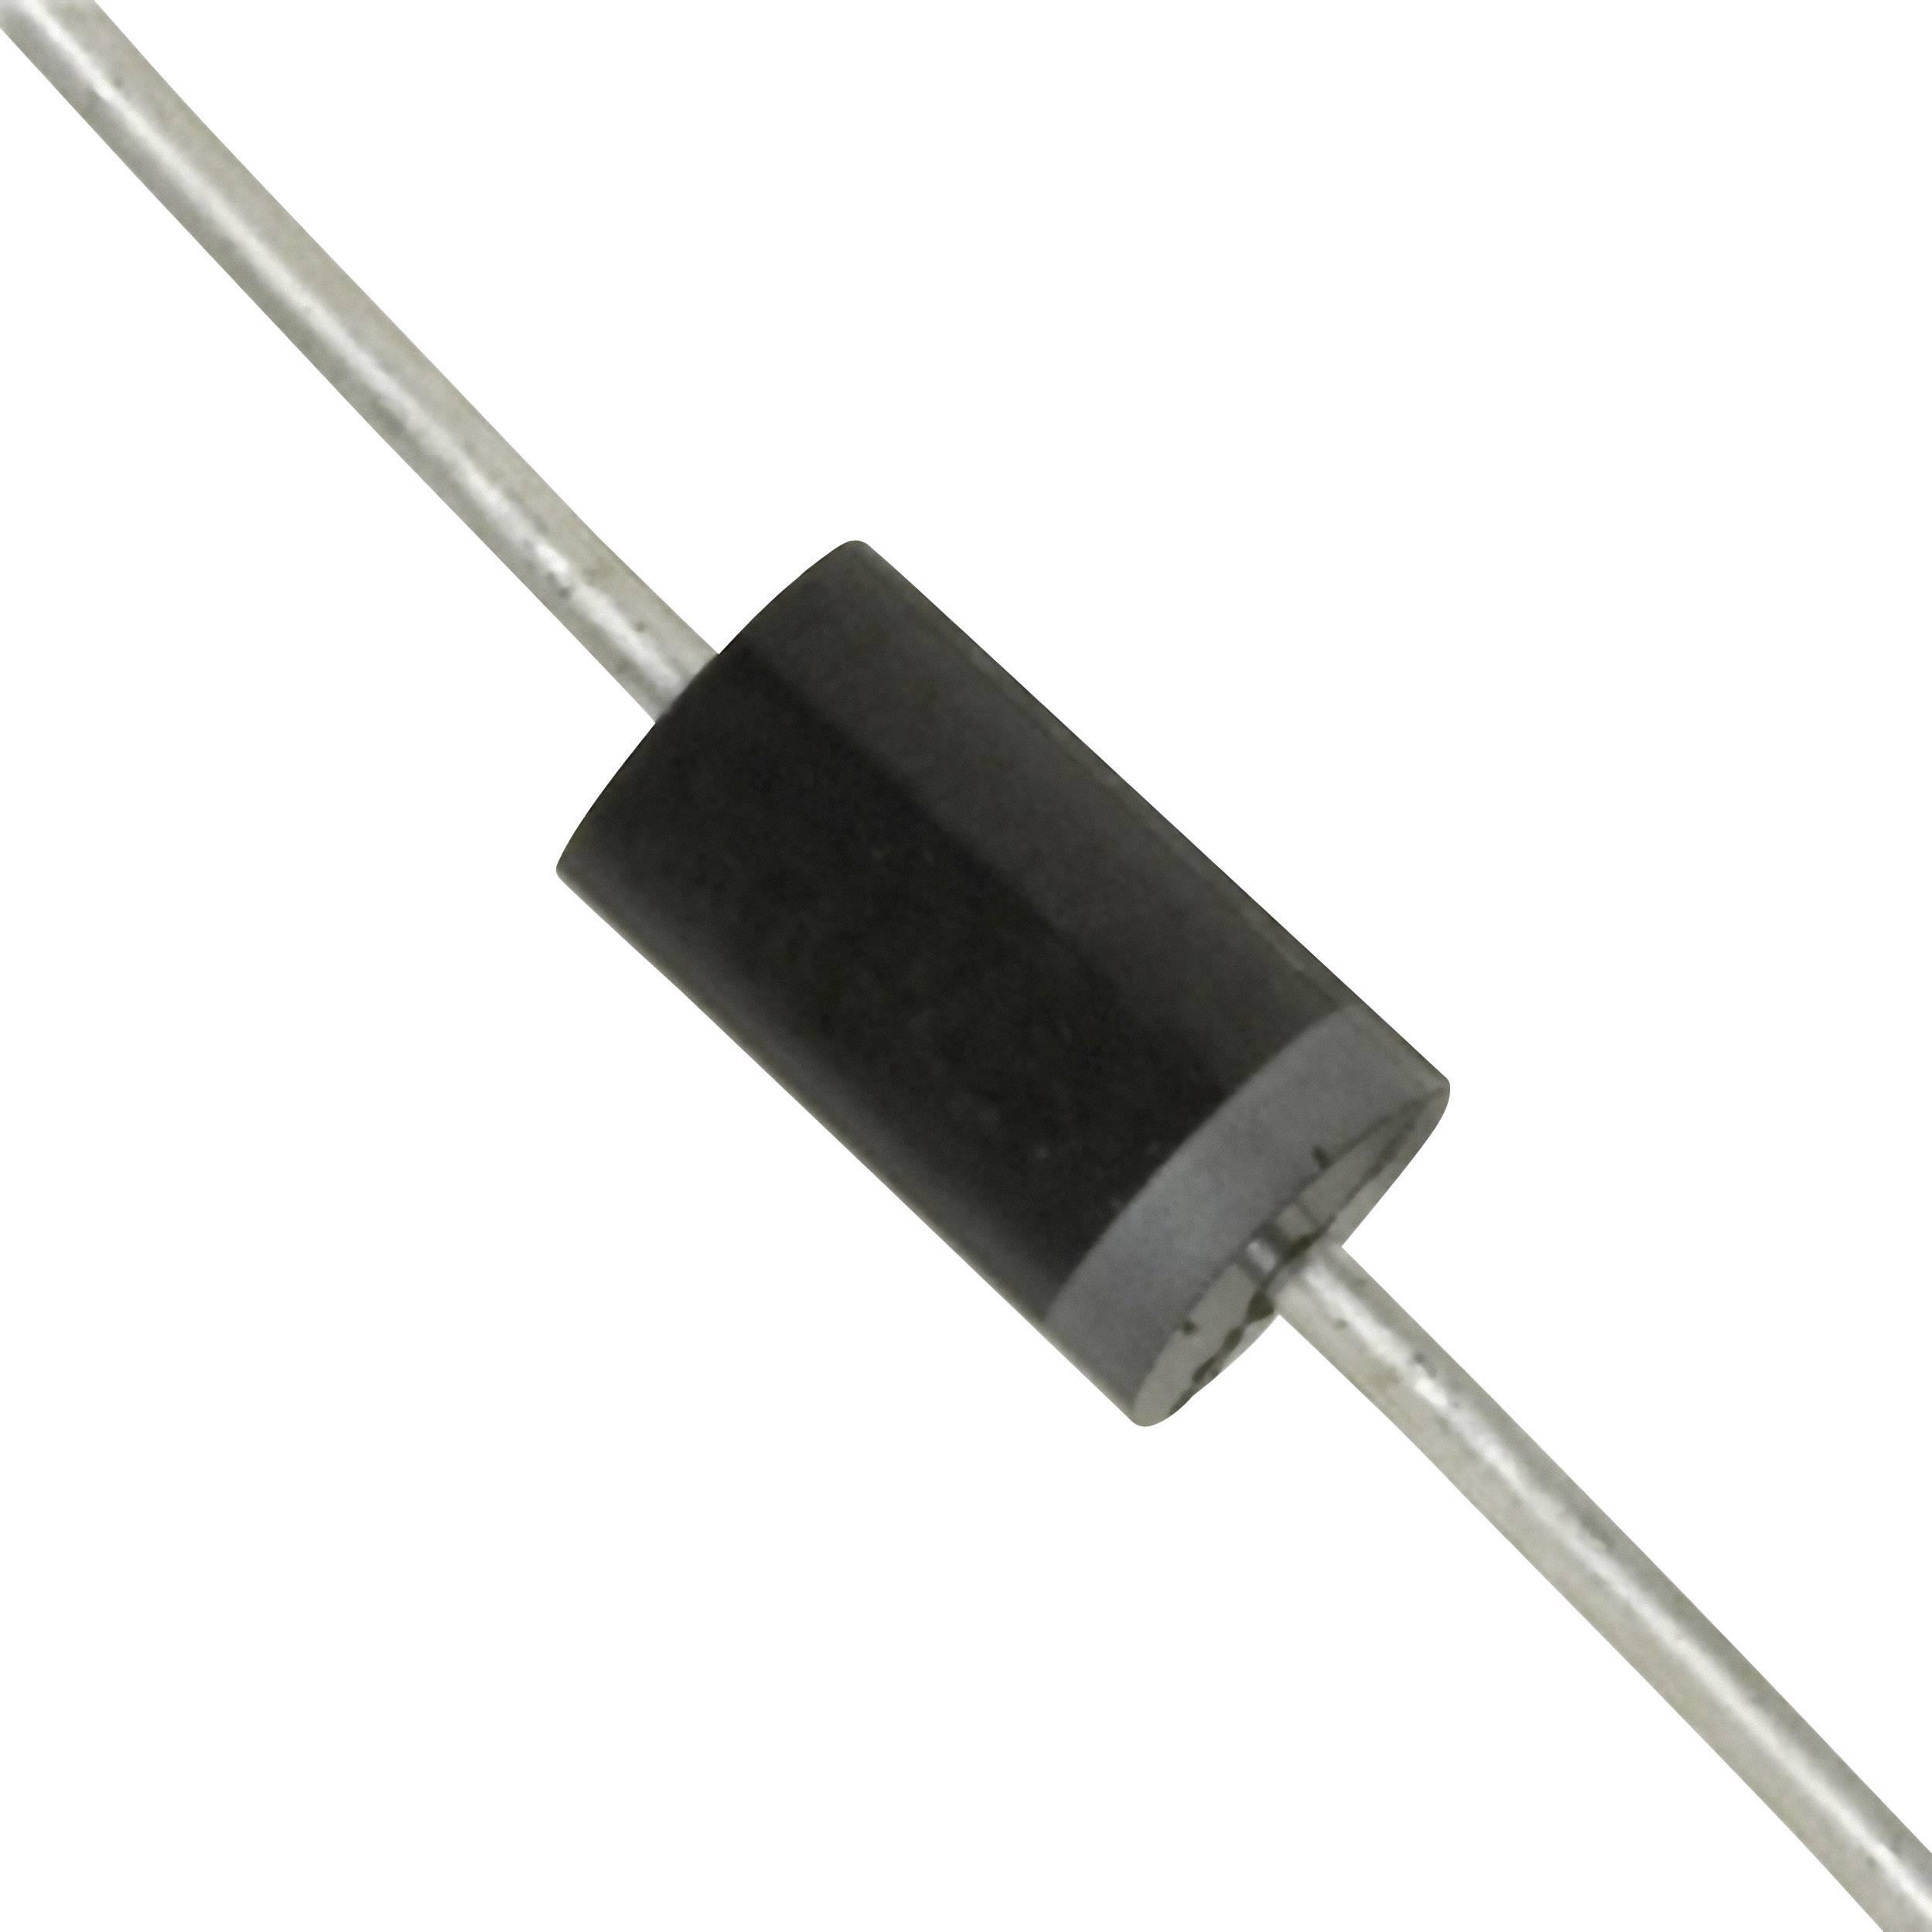 Zenerova dioda Diotec ZPD 18 V, 500 mW, DO 35 P